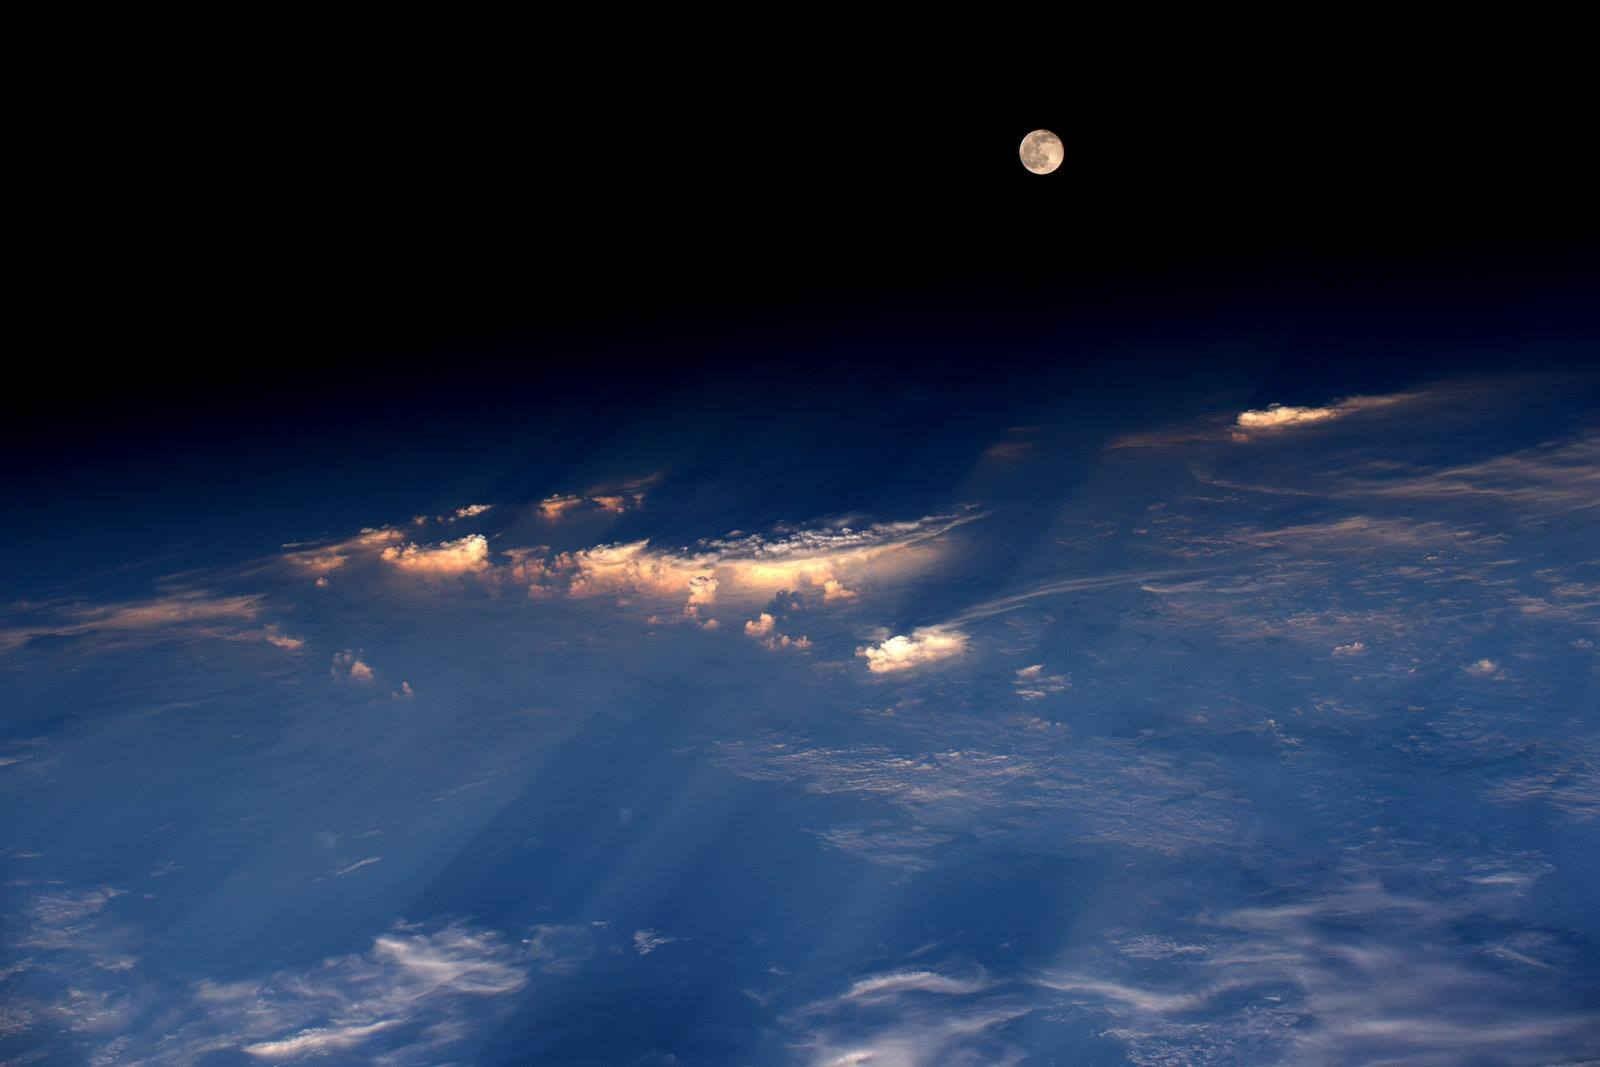 הירח מתחנת החלל הבינלאומית, במעופה מעל סין | Jeff Williams/NASA